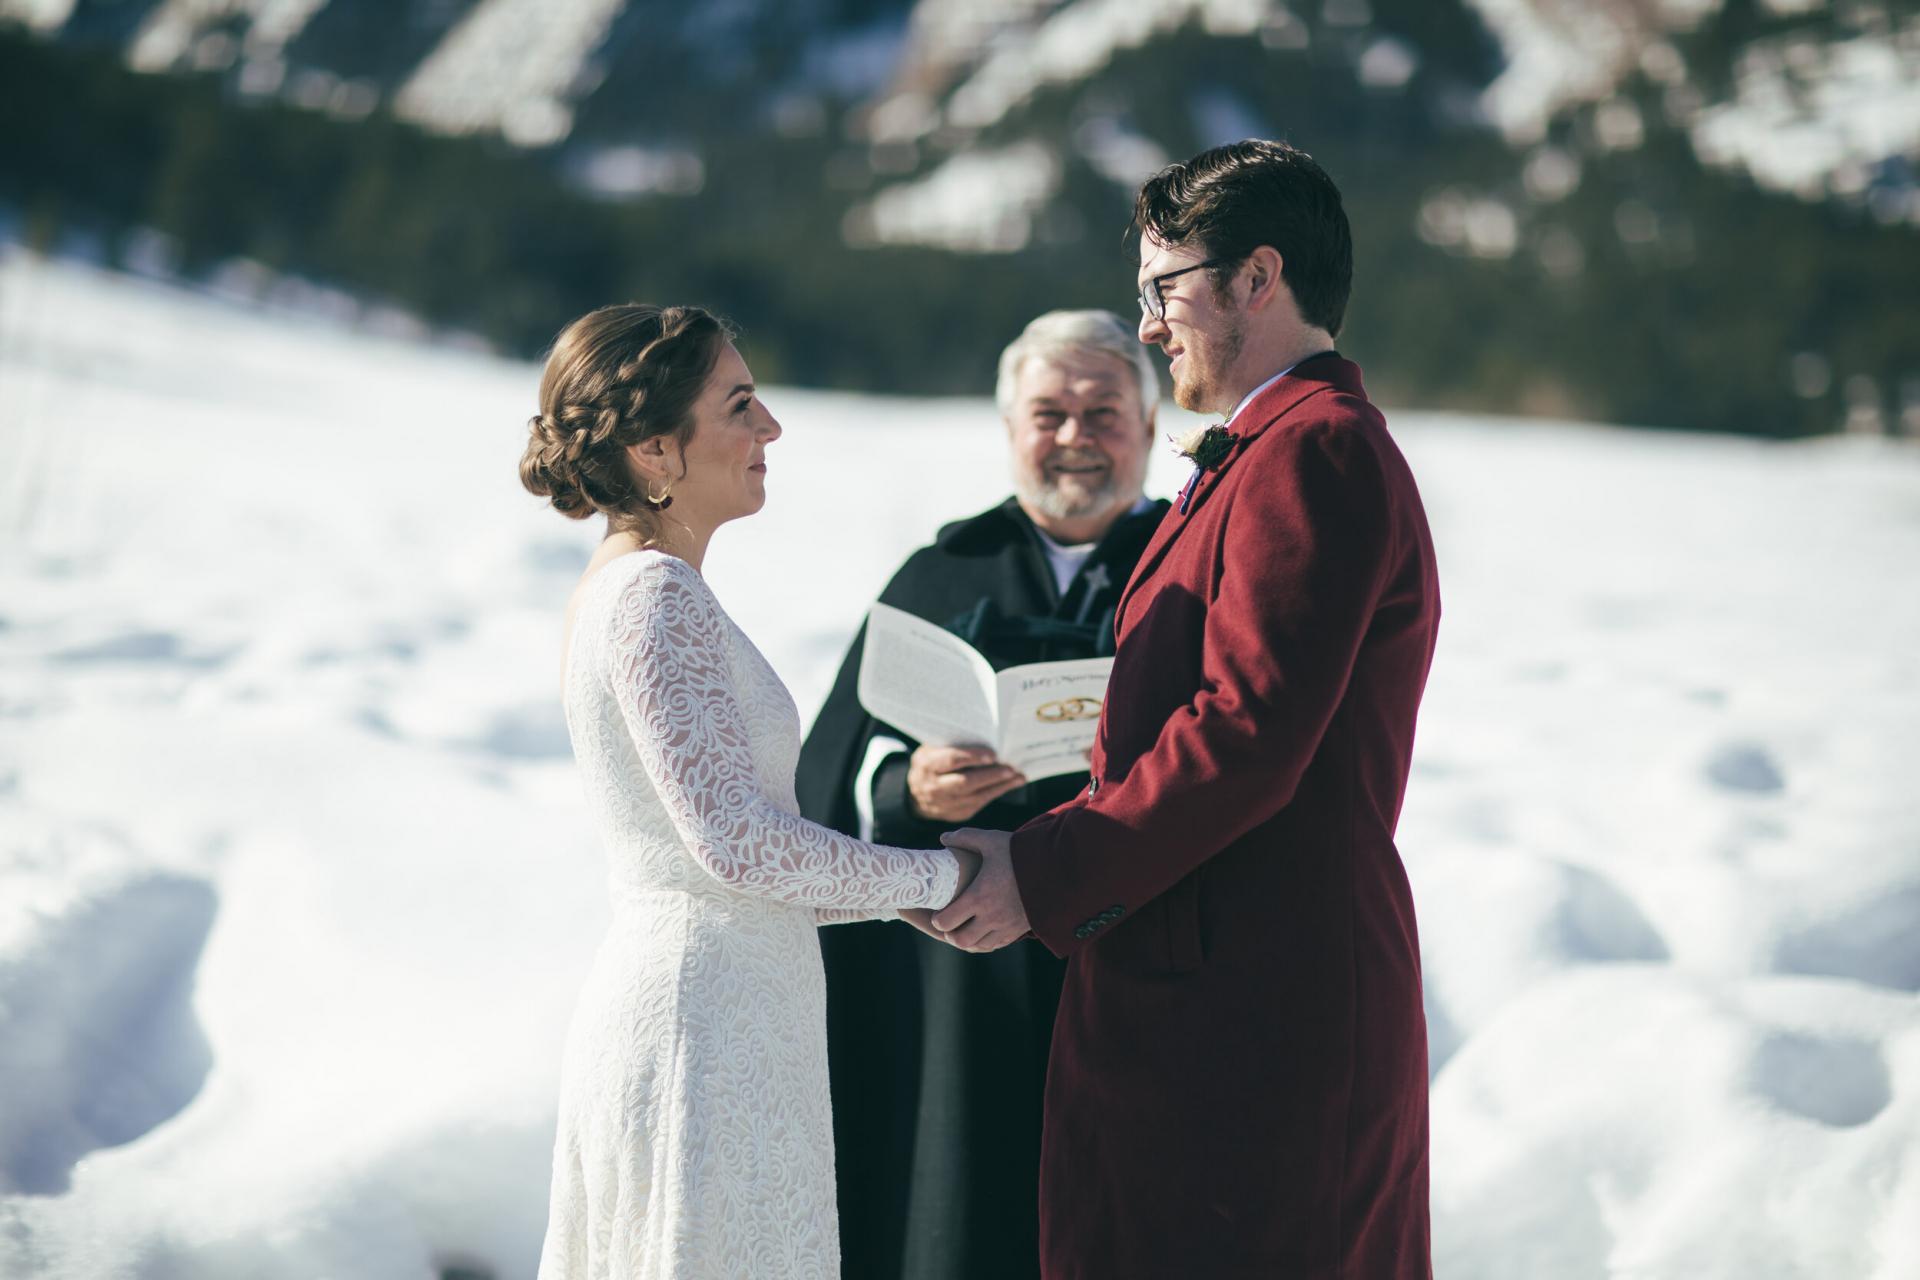 Colorado Adventure Elopement Ceremony Foto | Gelübde austauschen, die sie selbst geschrieben haben